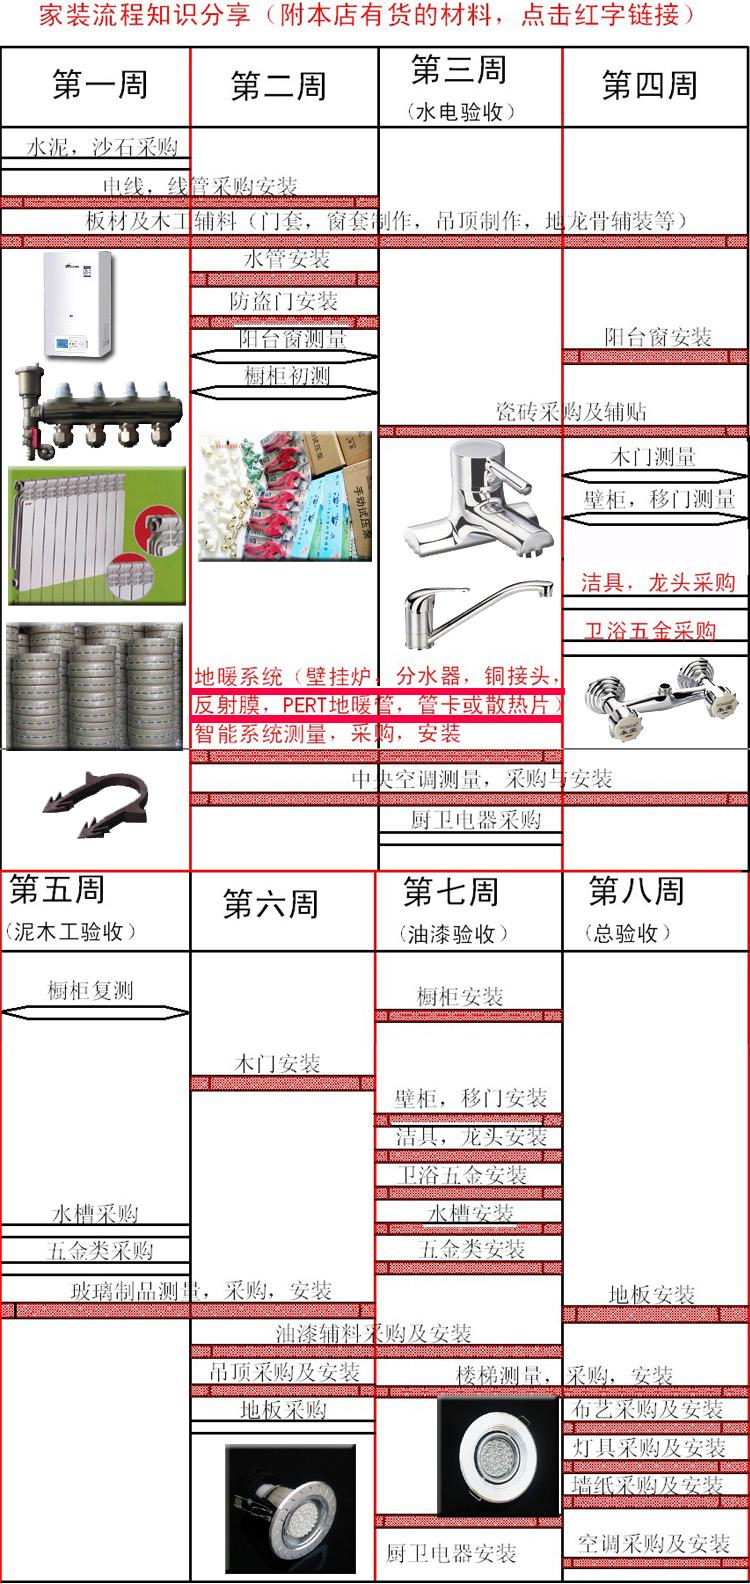 运动户外商盟 新奇宝宝 淘宝网 香港代购网 香港网上购物